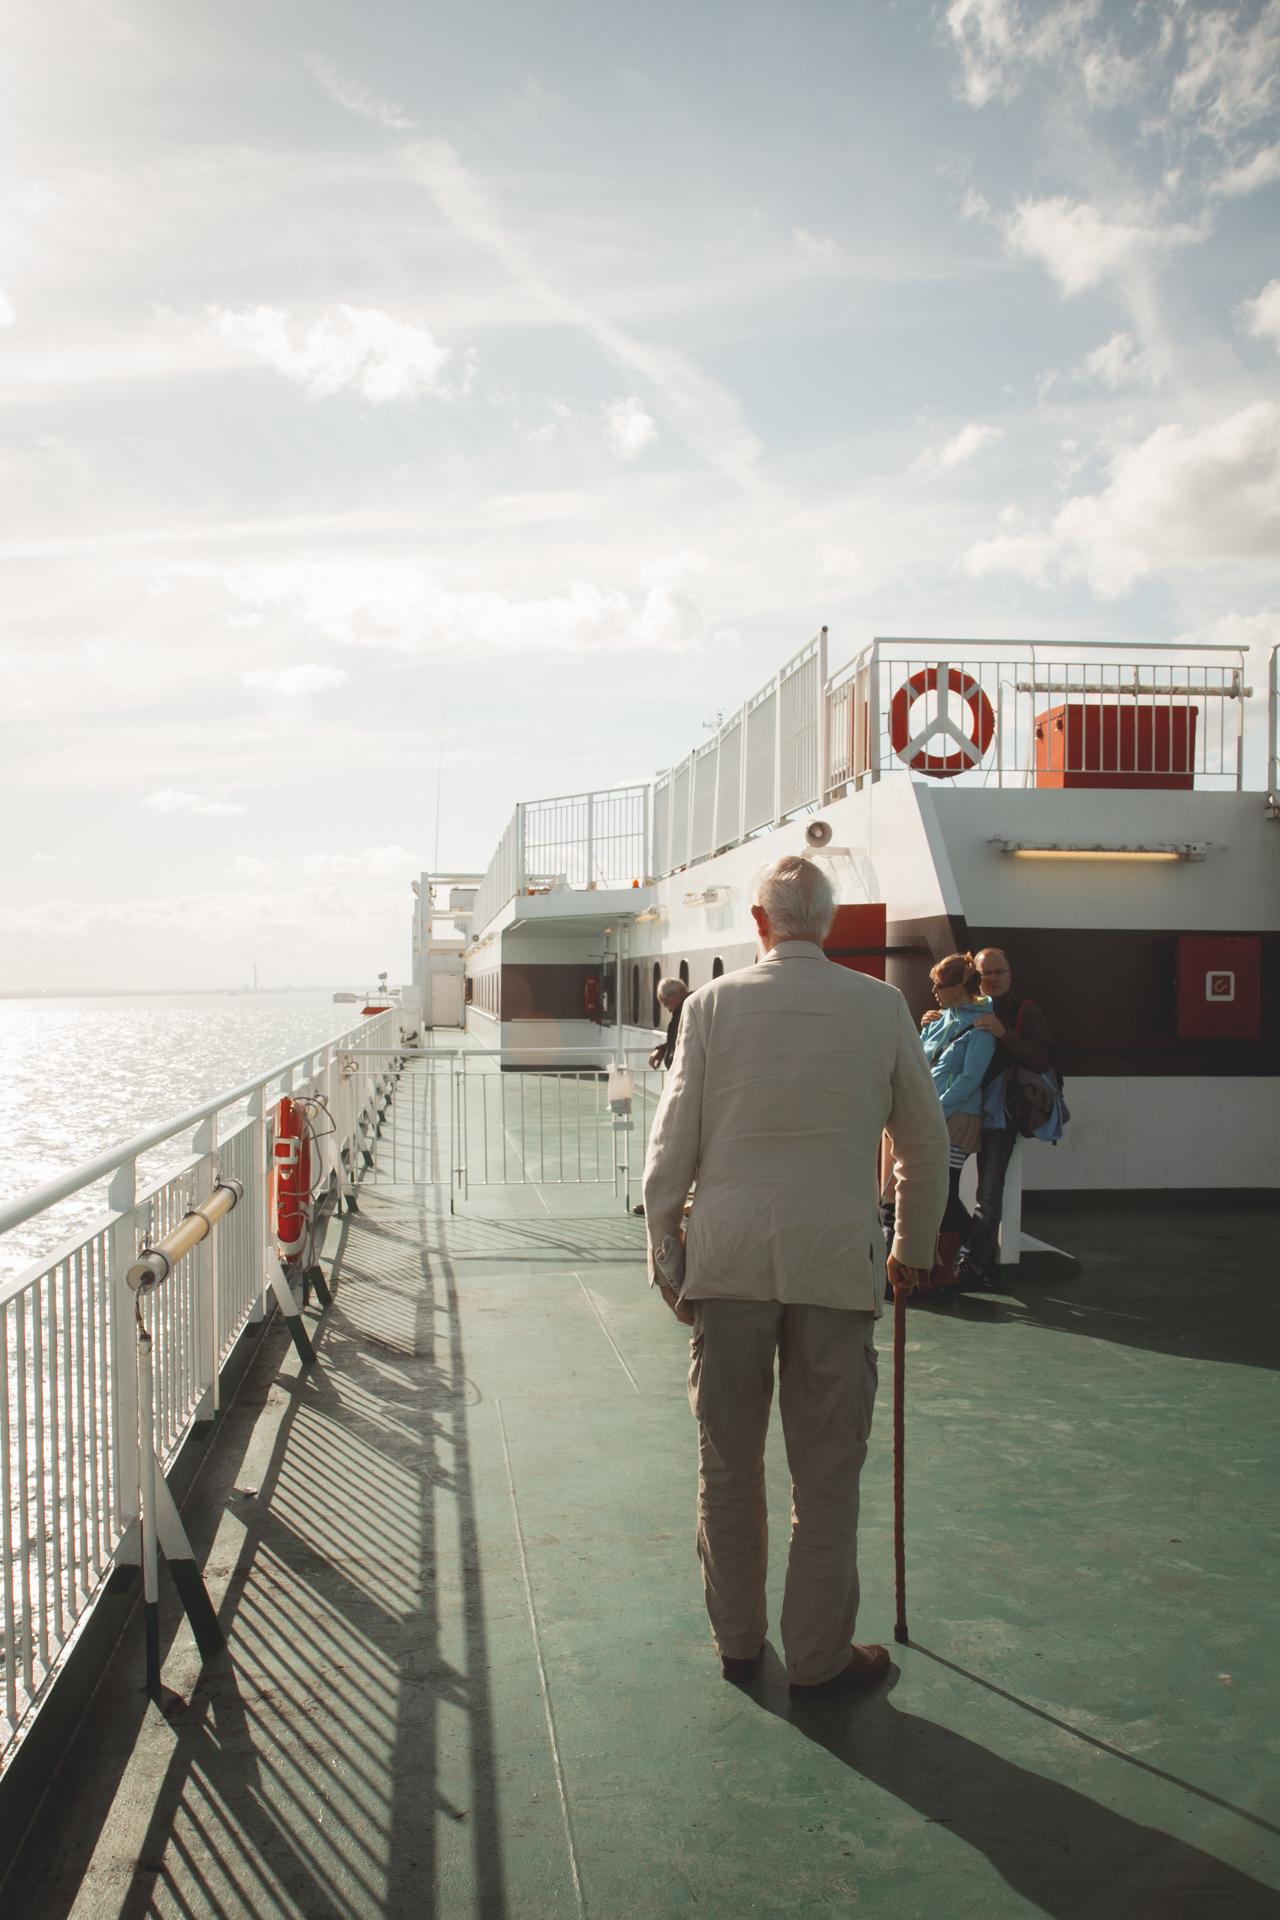 dublin_ferry_2015-2